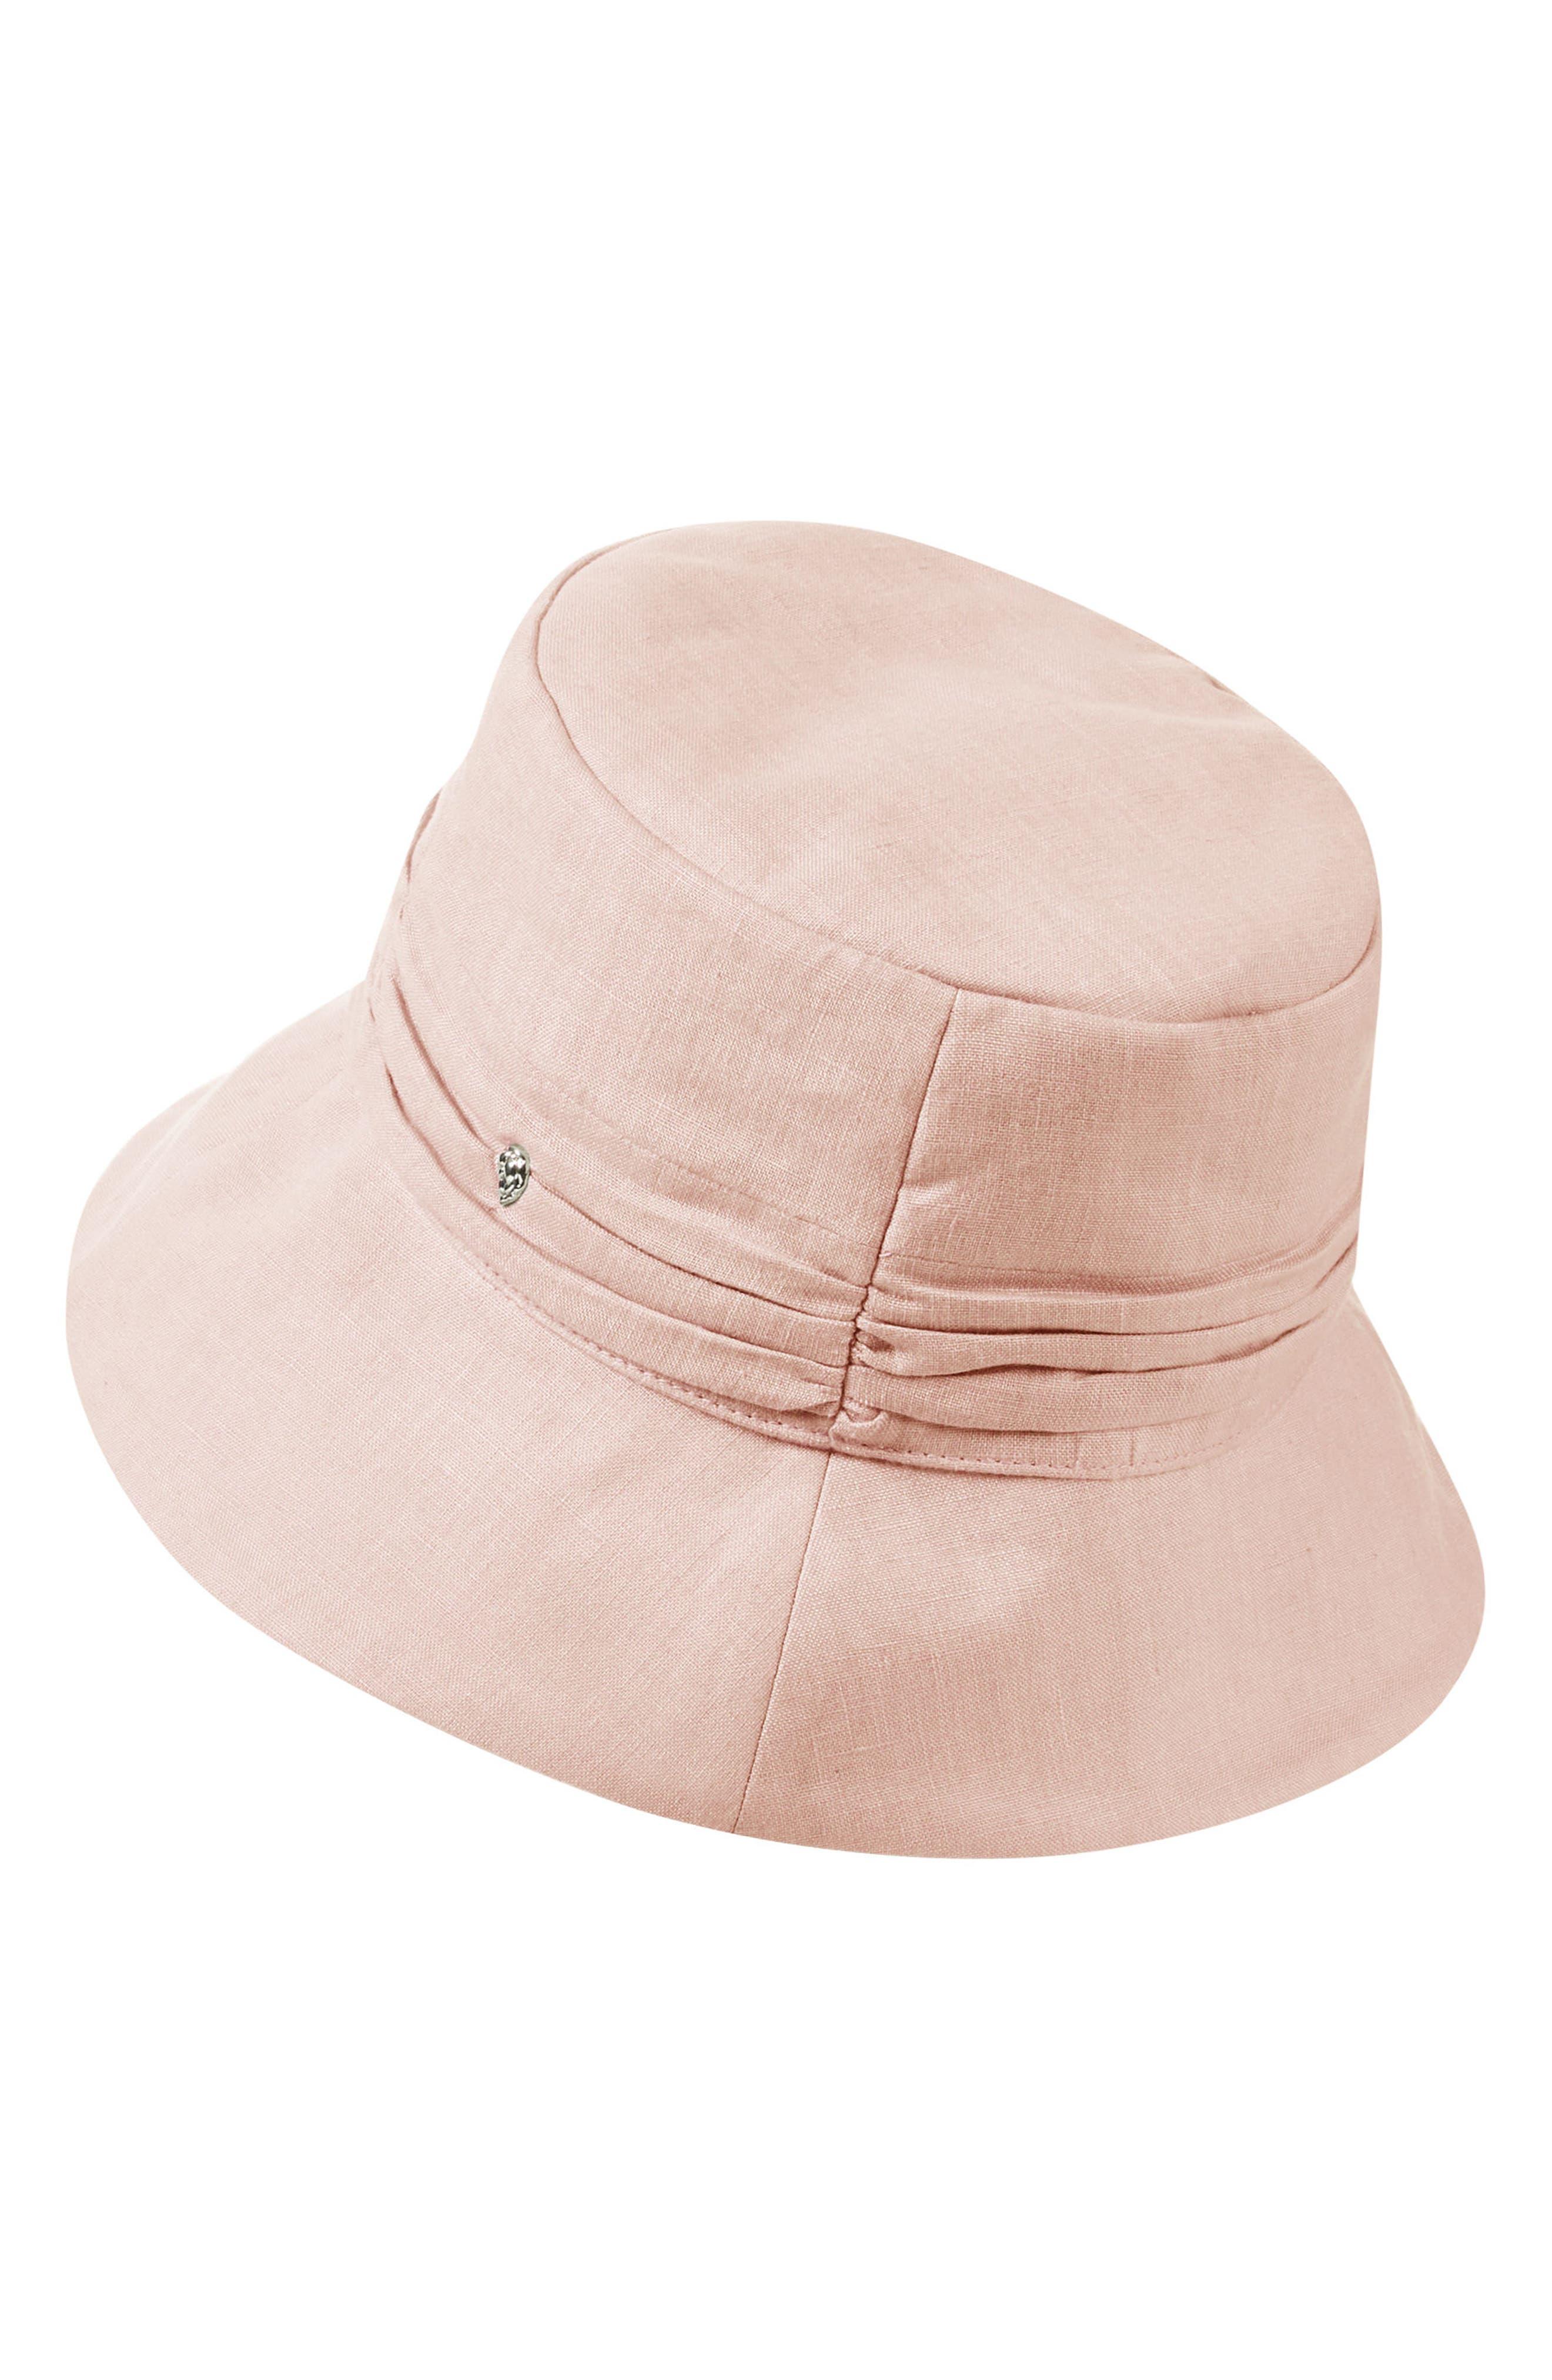 LINEN BUCKET HAT - PINK